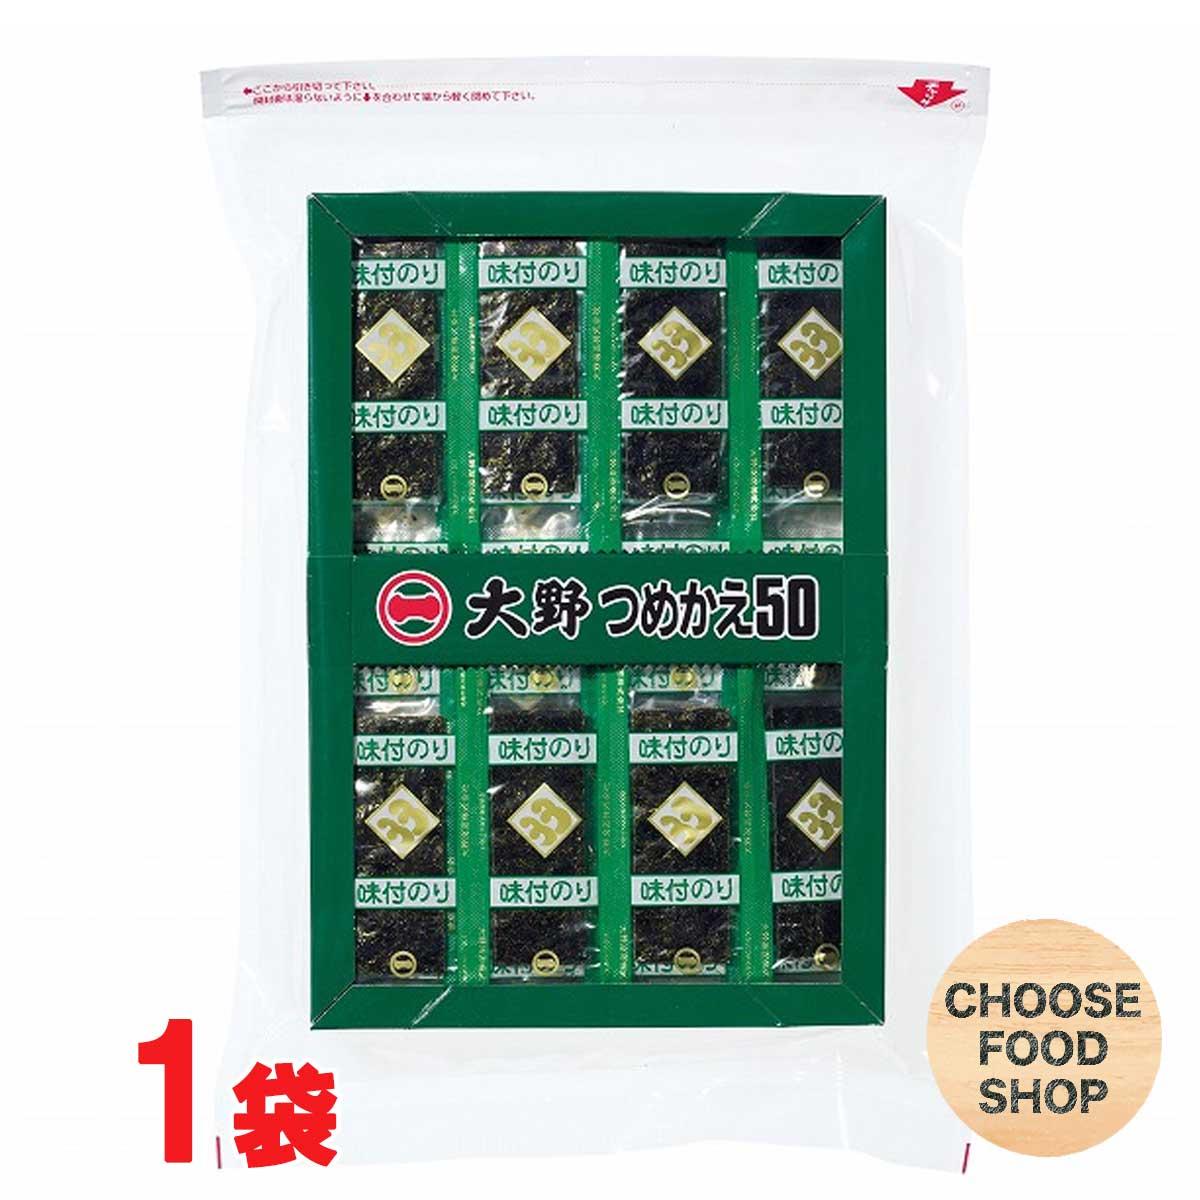 即納送料無料! 3980円以上で送料無料 北海道のお届けはキャンセル致します 大野海苔 徳島特産品 つめかえ50 味付けのり 海外並行輸入正規品